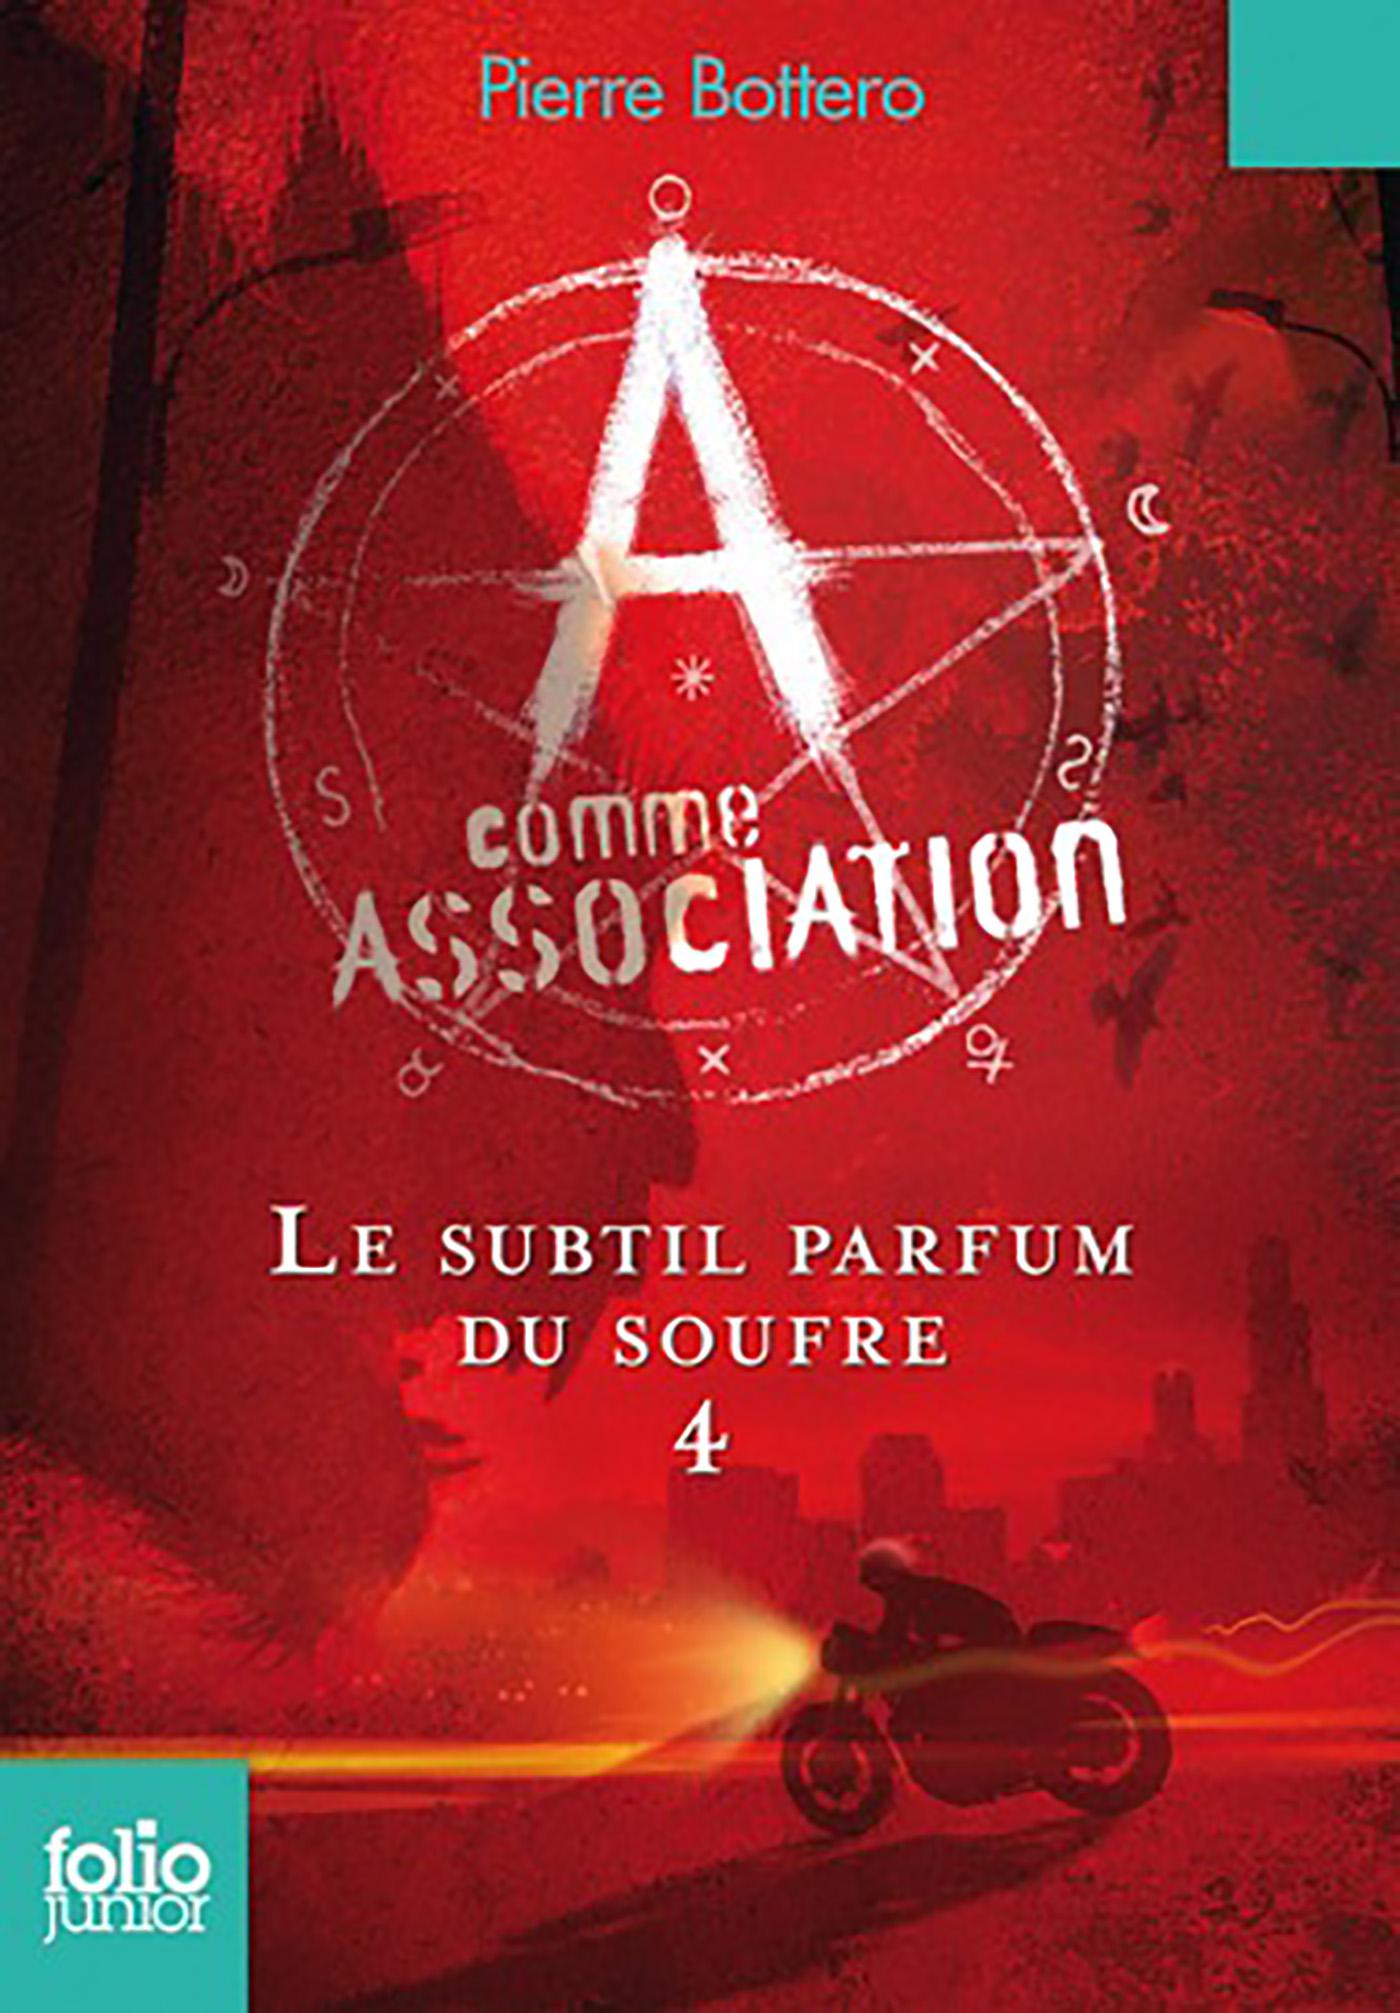 A comme Association (Tome 4) - Le subtil parfum du soufre | Bottero, Pierre